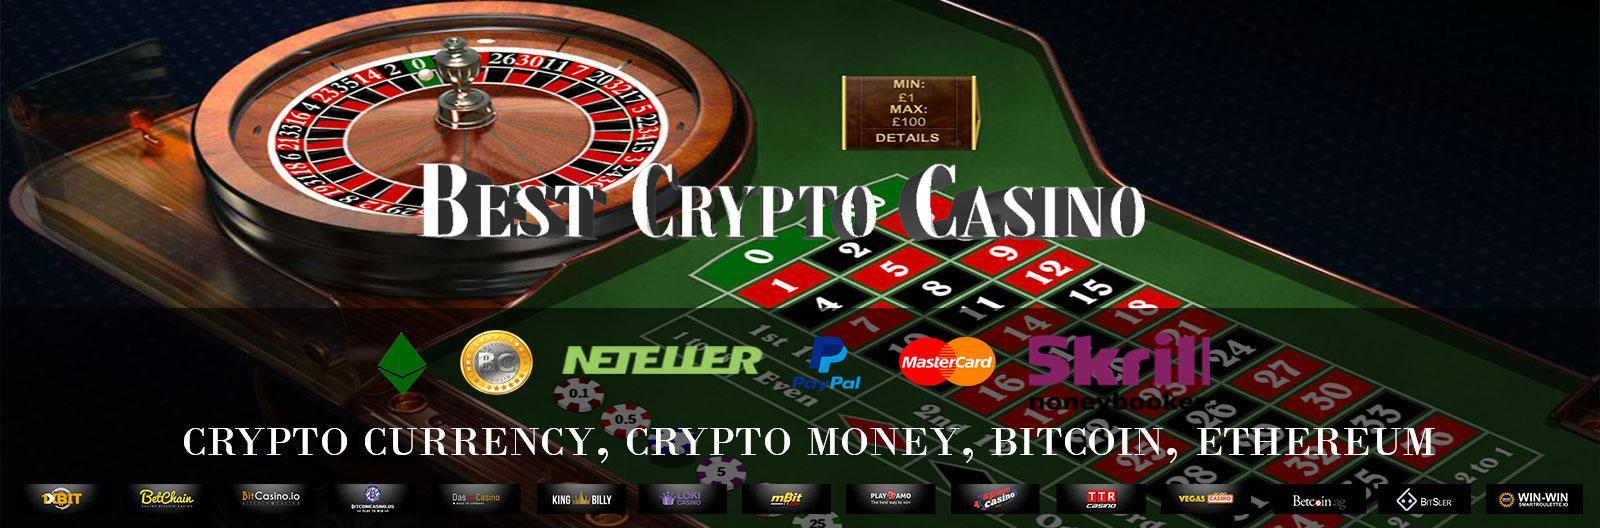 Winners slots casino